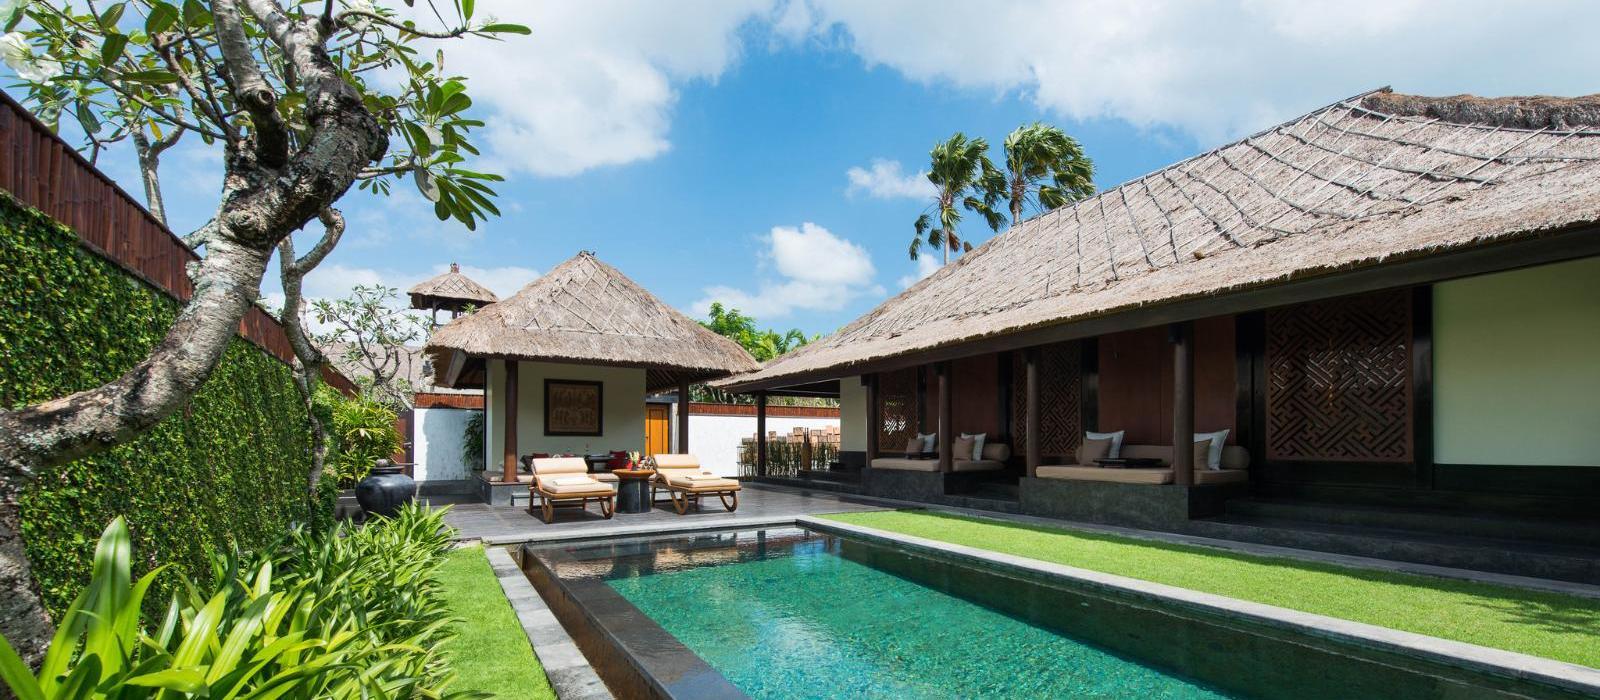 巴厘島水明漾樂吉安度假酒店(The Legian Seminyak, Bali) 單臥套房泳池圖片  www.yisecj.live